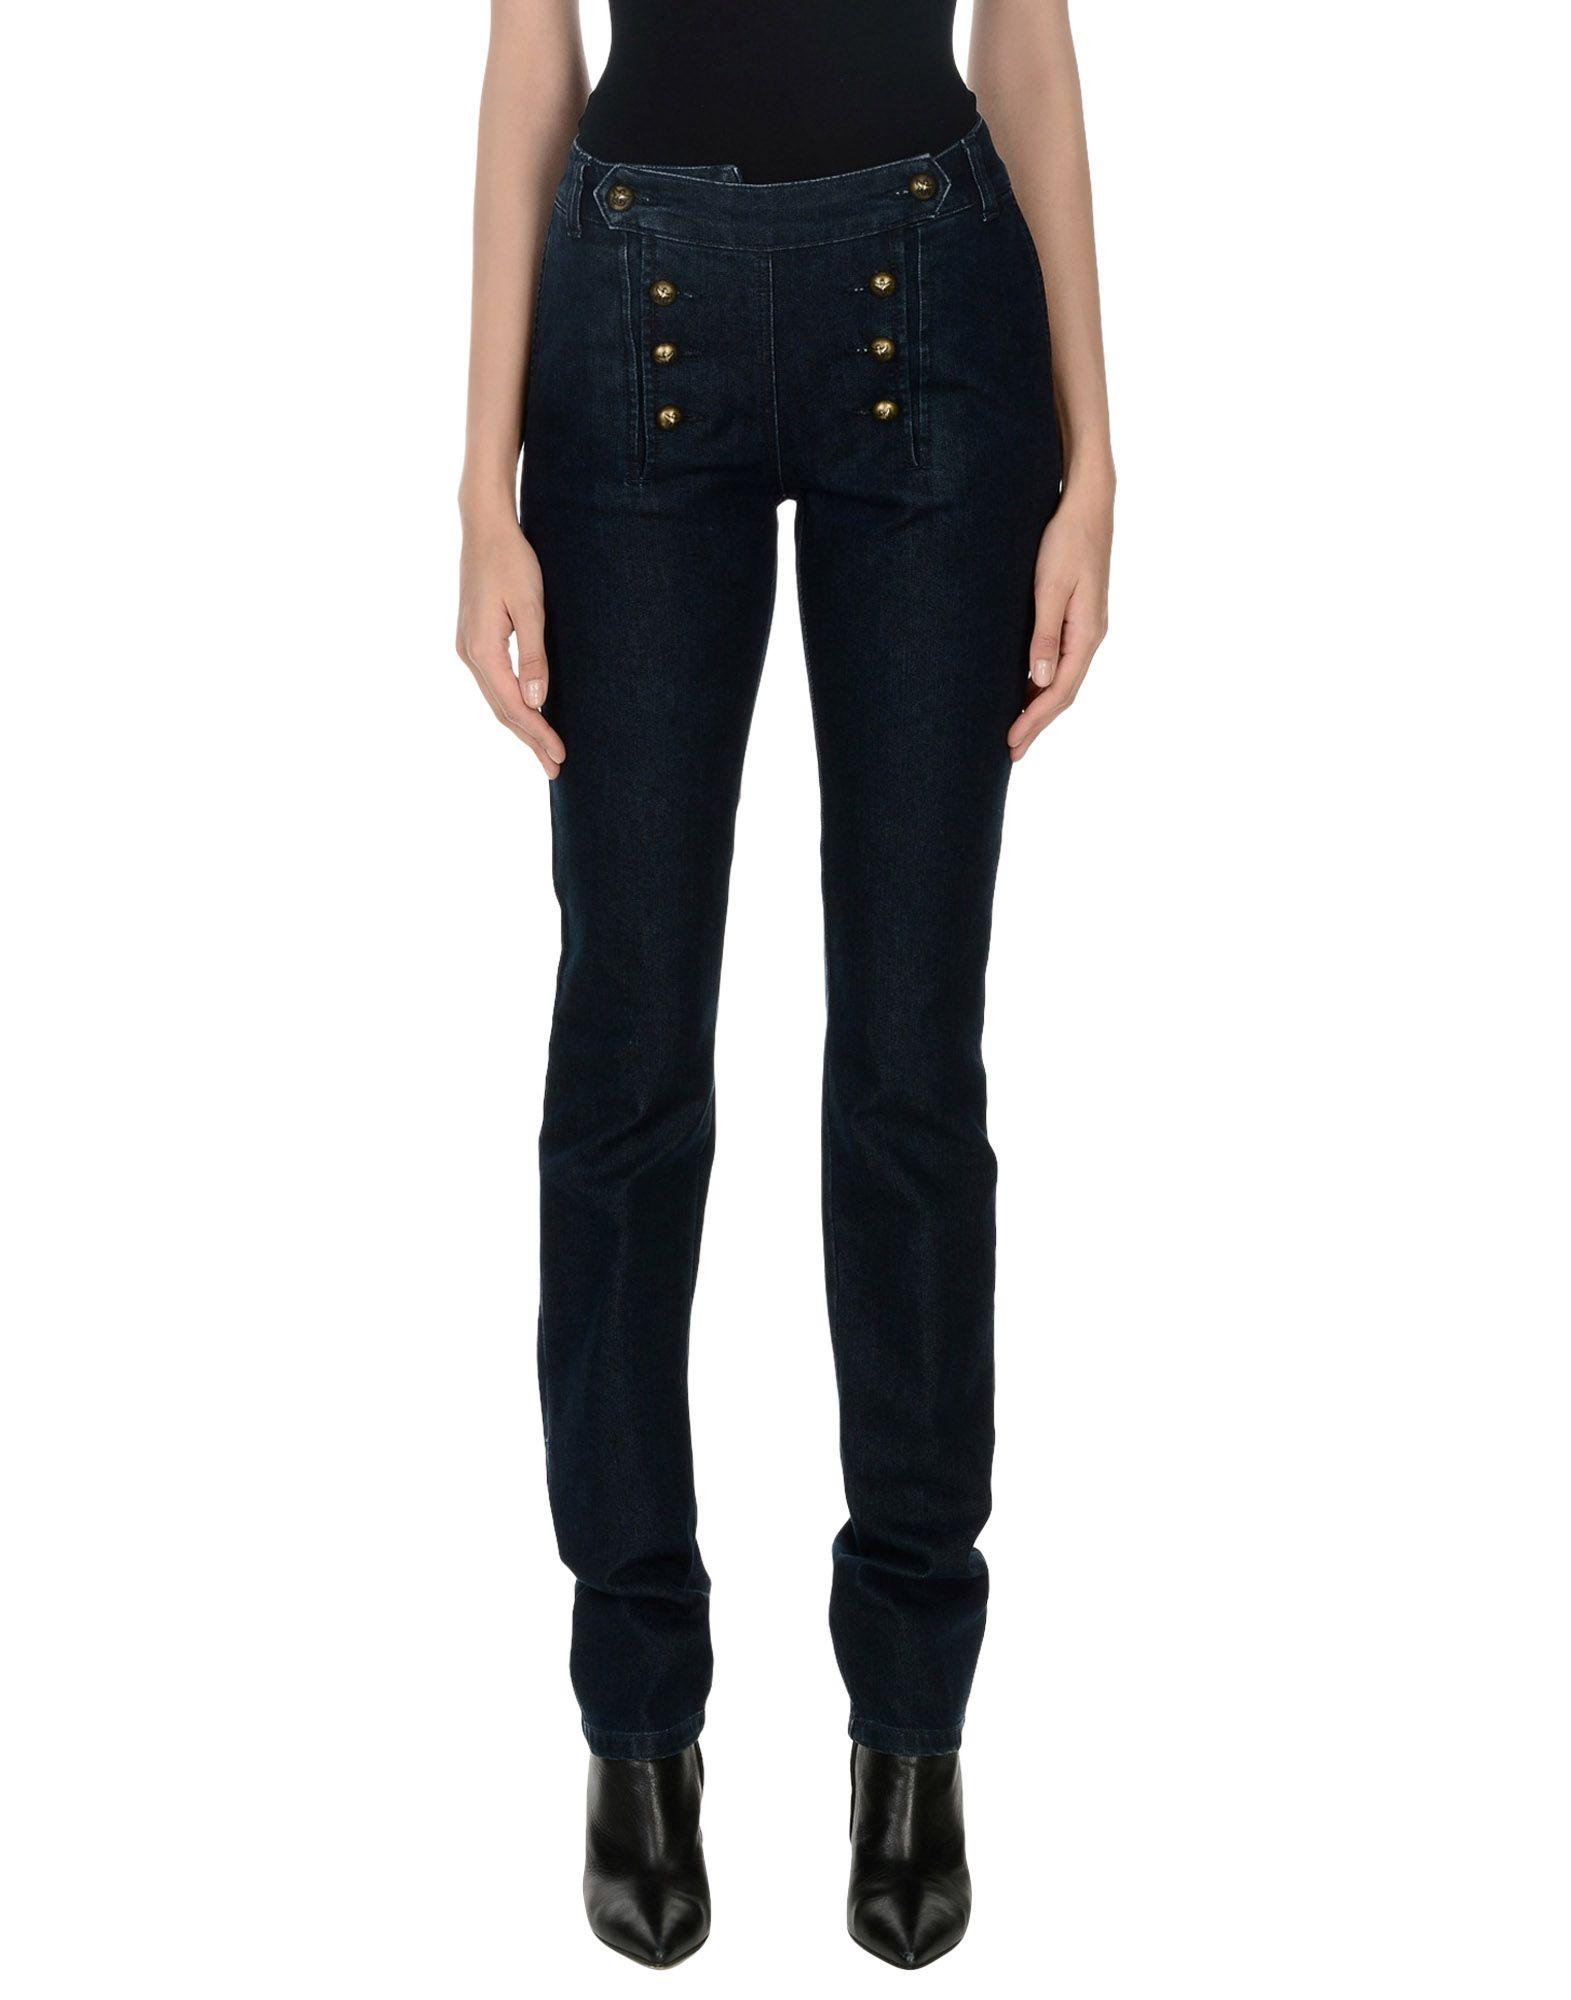 Pantaloni Jeans Roberto Cavalli Donna - Acquista online su VxQa5p